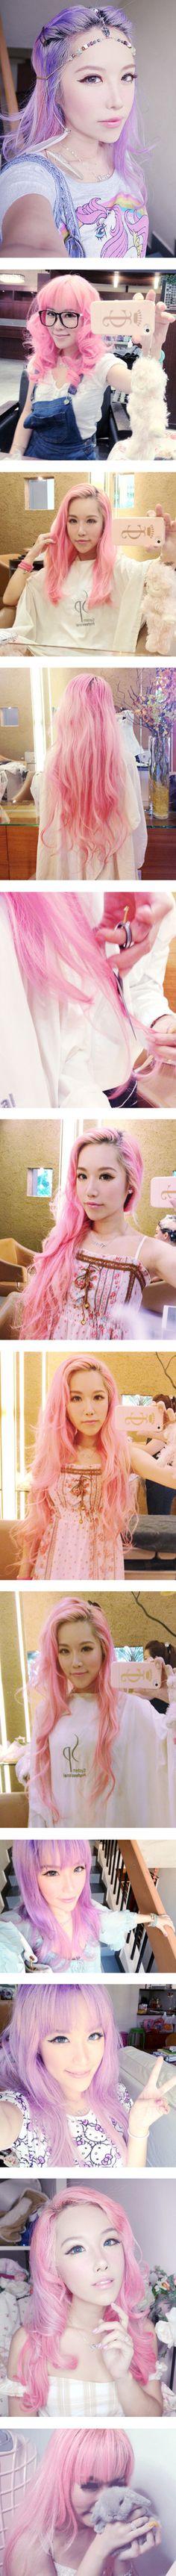 Xiaxue http://xiaxue.blogspot.com | Xiaxue 下雪 | Pinterest